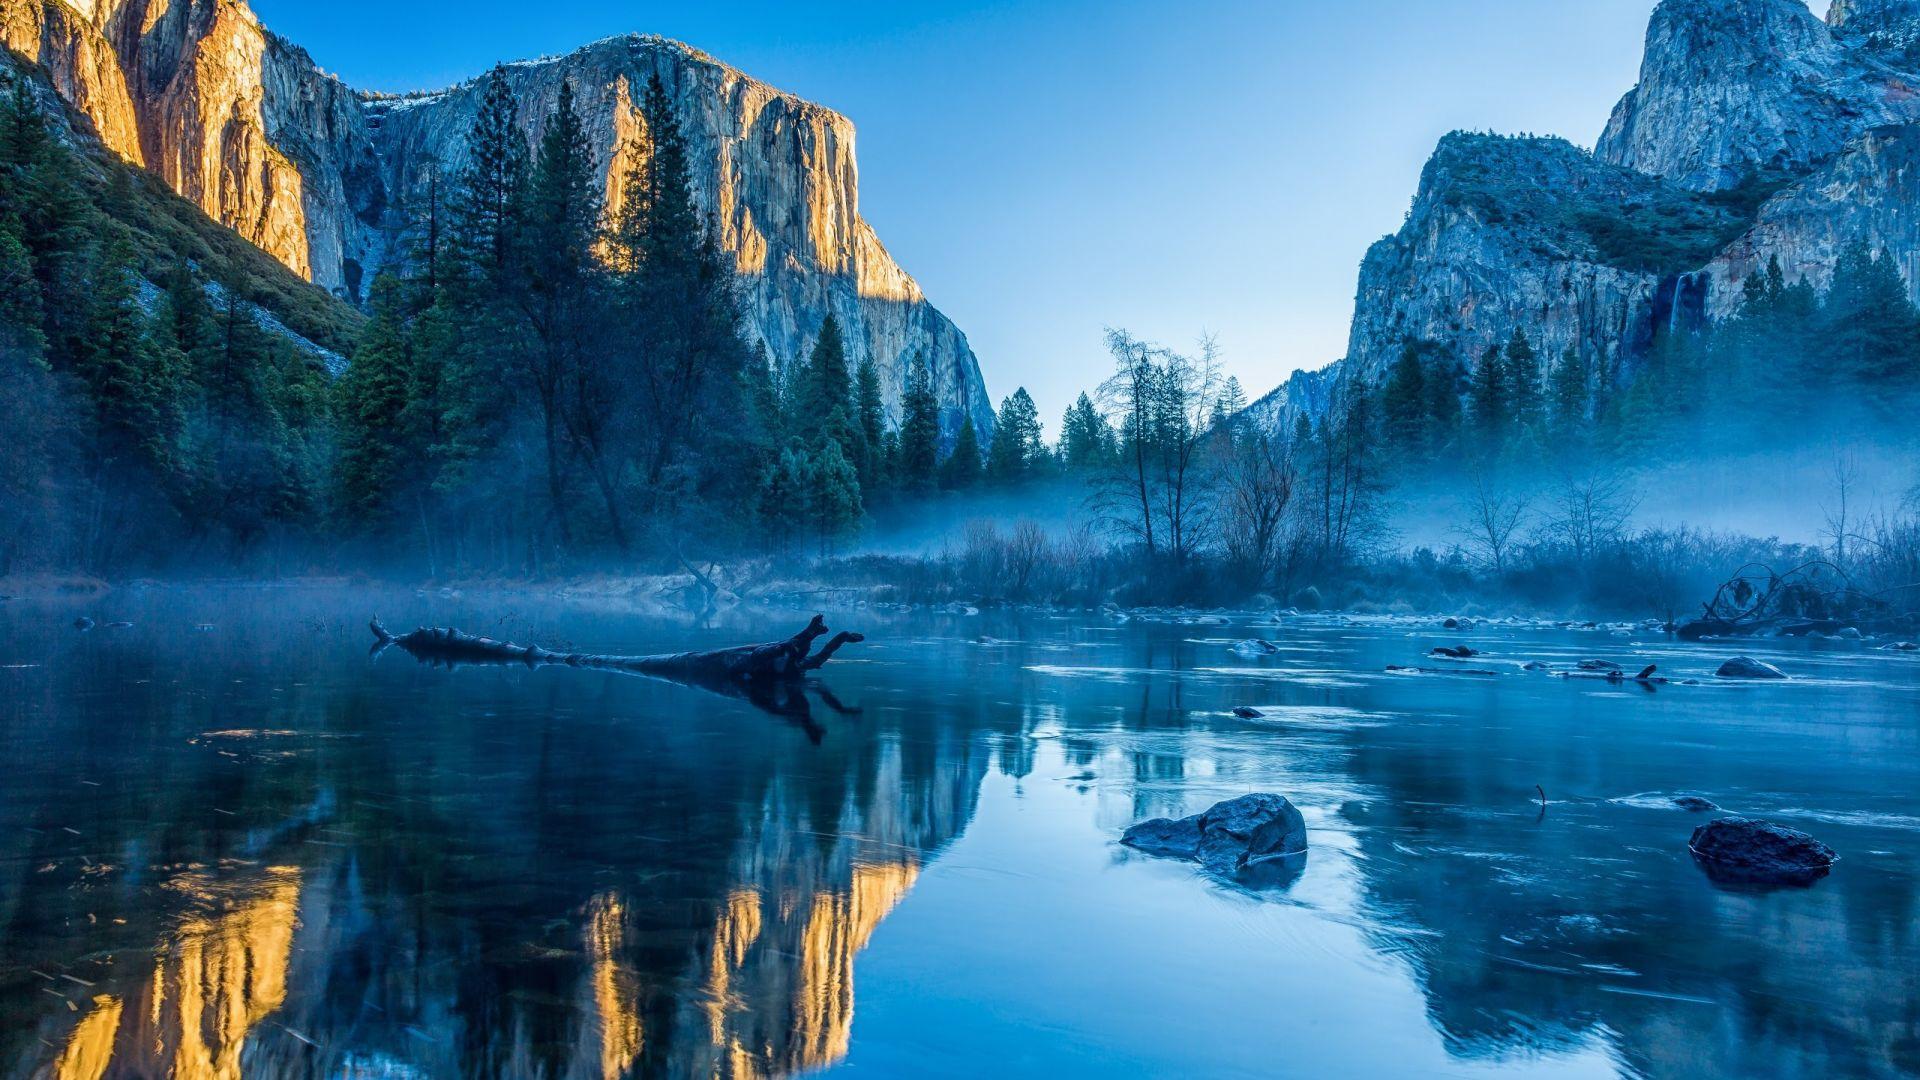 Desktop Wallpaper Yosemite National Park El Capitan Winter